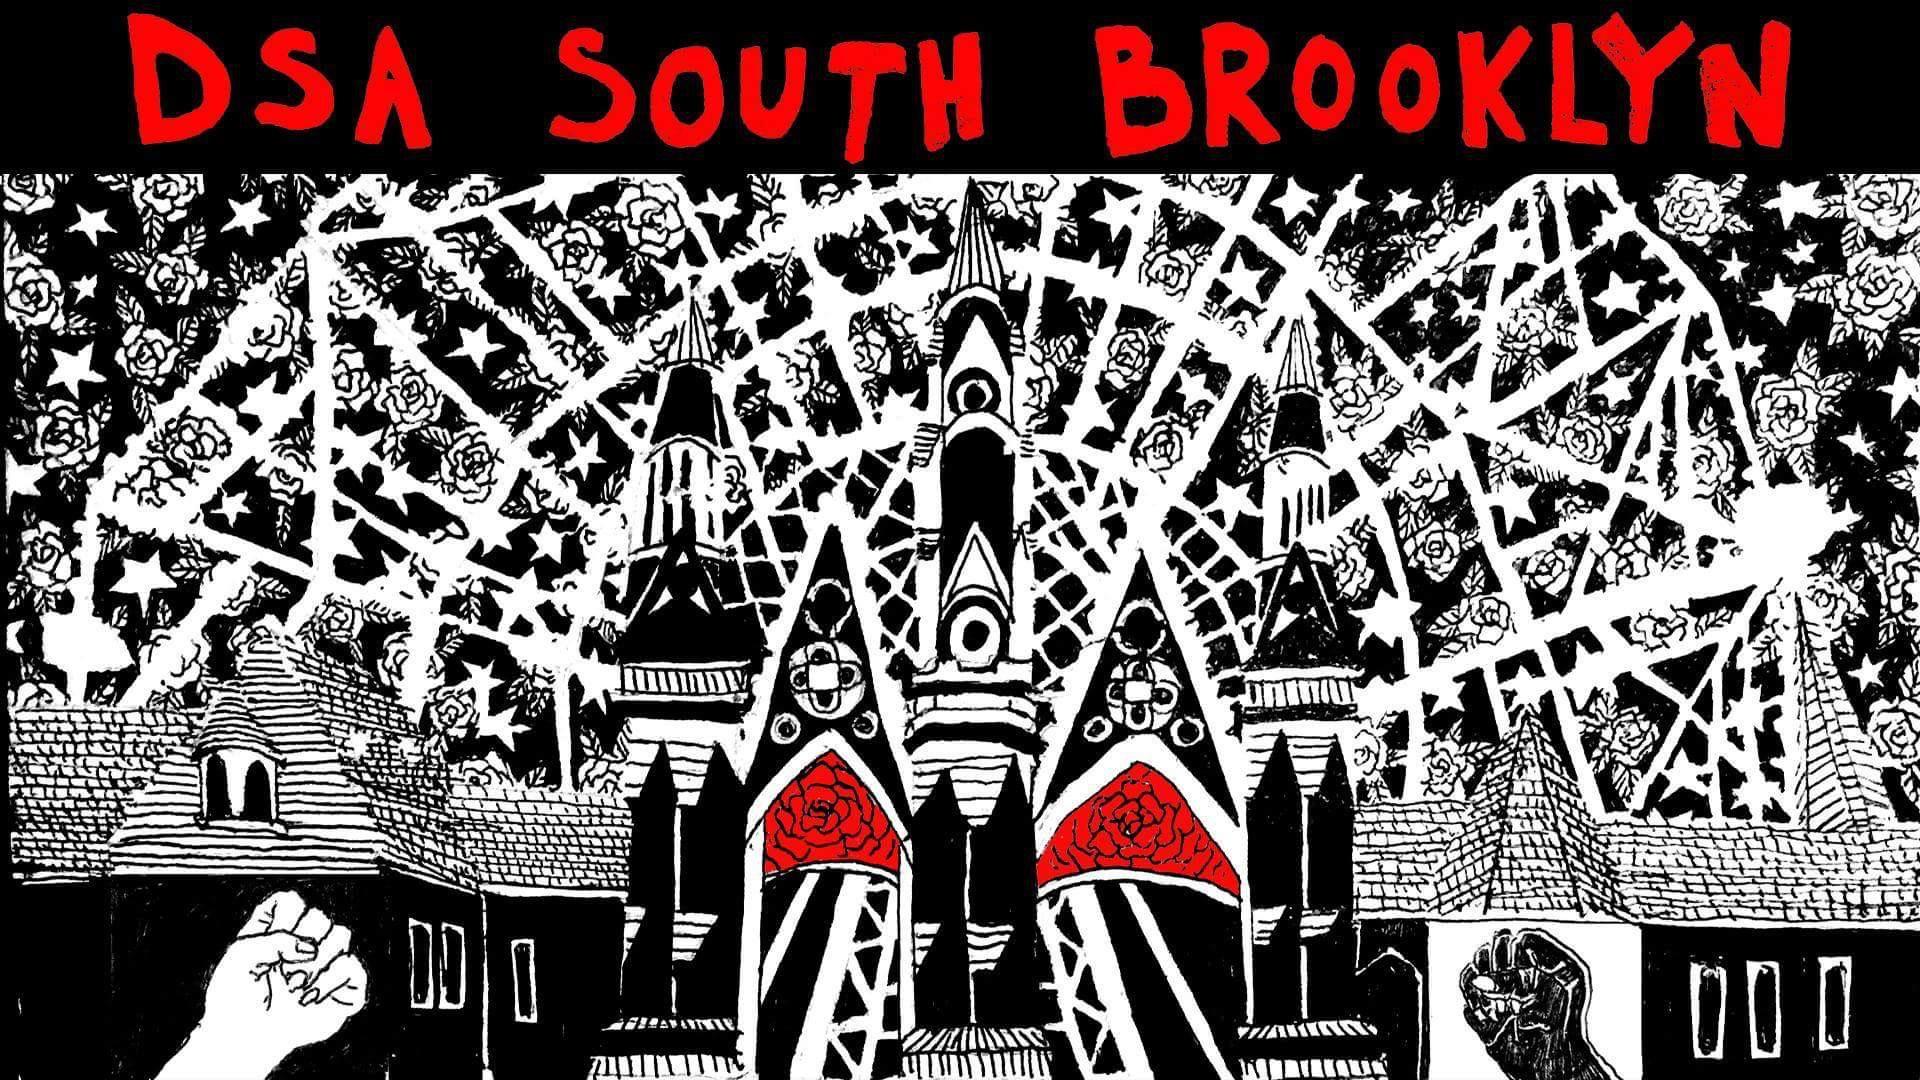 DSA South Brooklyn Logo.jpg